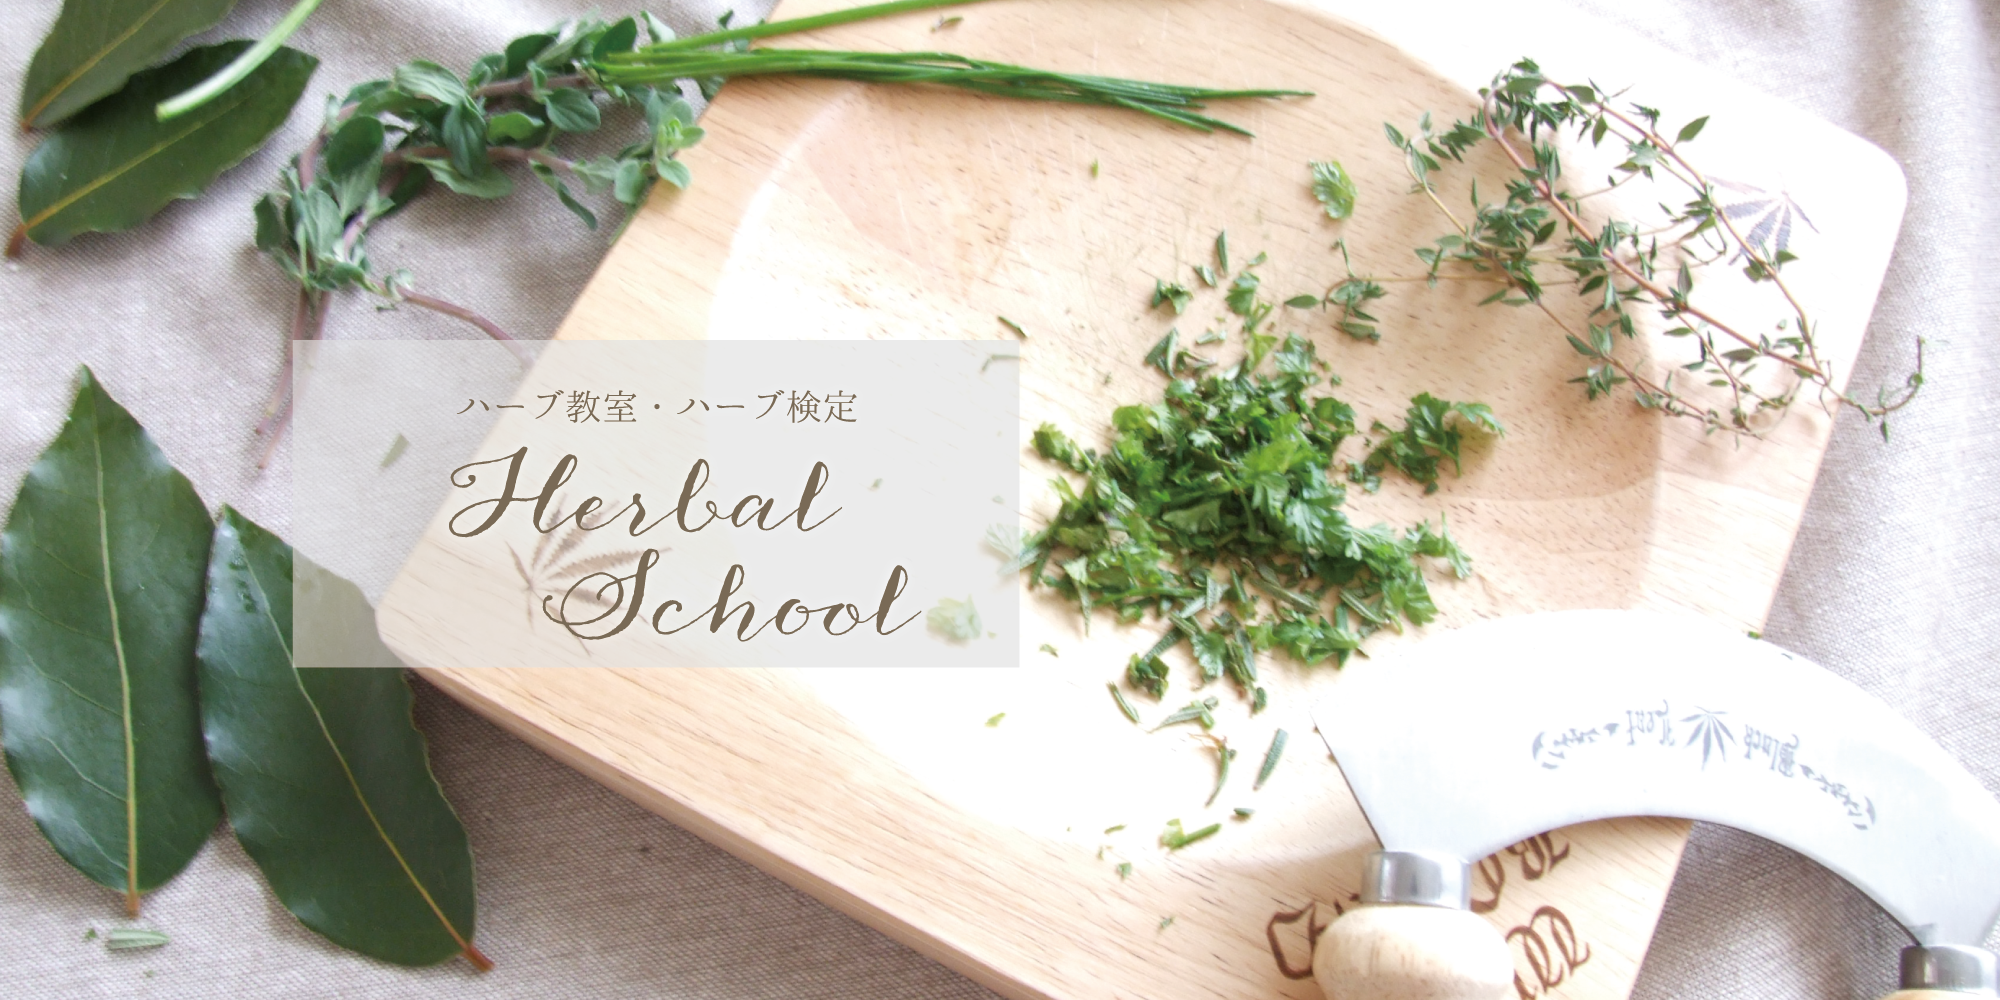 元気とキレイをつくるハーブ薬膳ごはん・ハーブ酵母パン ハーブ薬膳料理研究家 鐘尾淳子 | 熊本 体に優しい レシピ